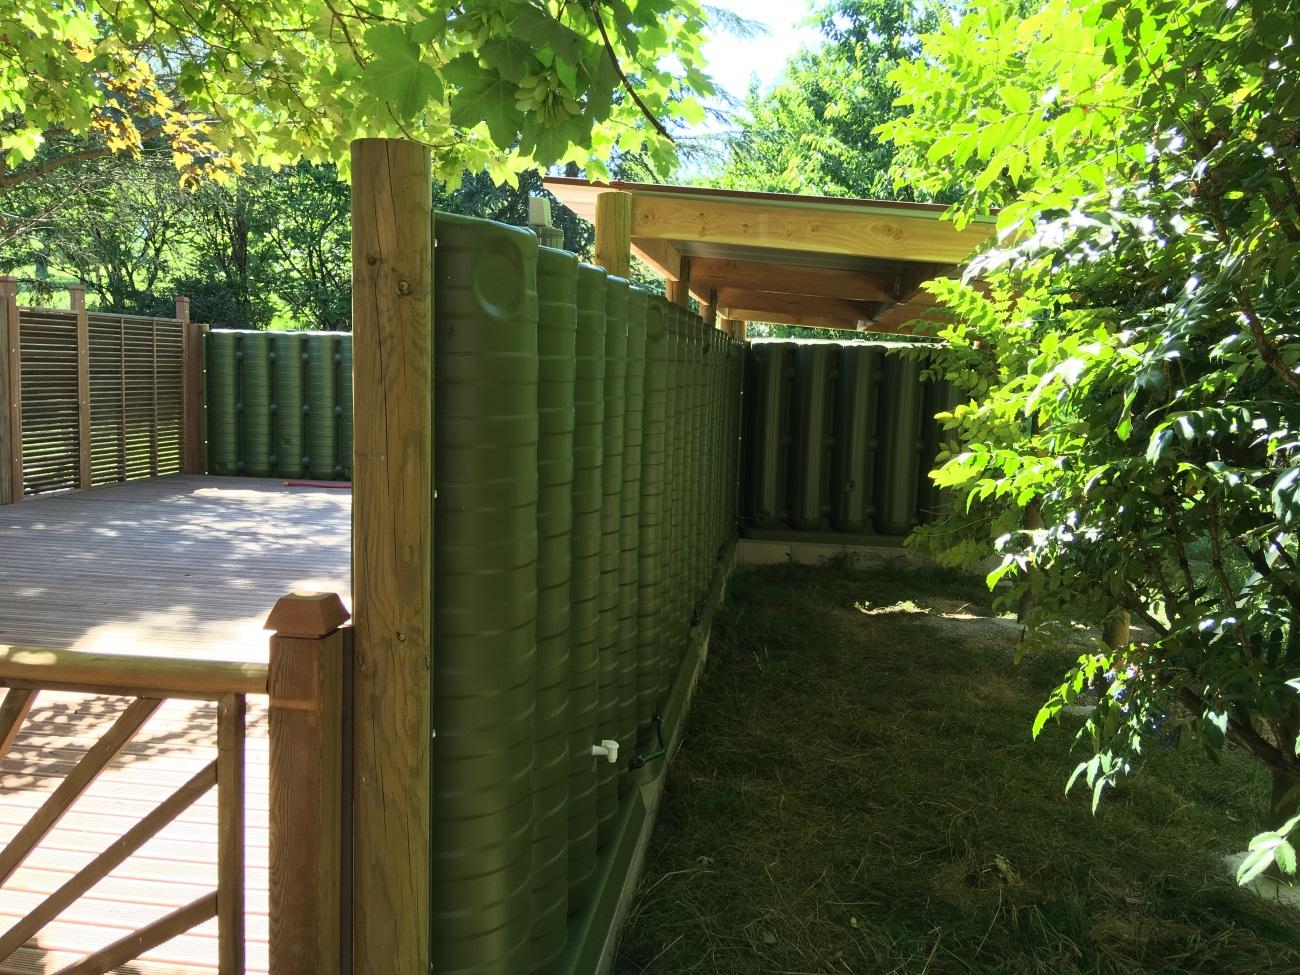 Récupérateurs d'eau de pluie intégrés dans un abri bois et une terrasse